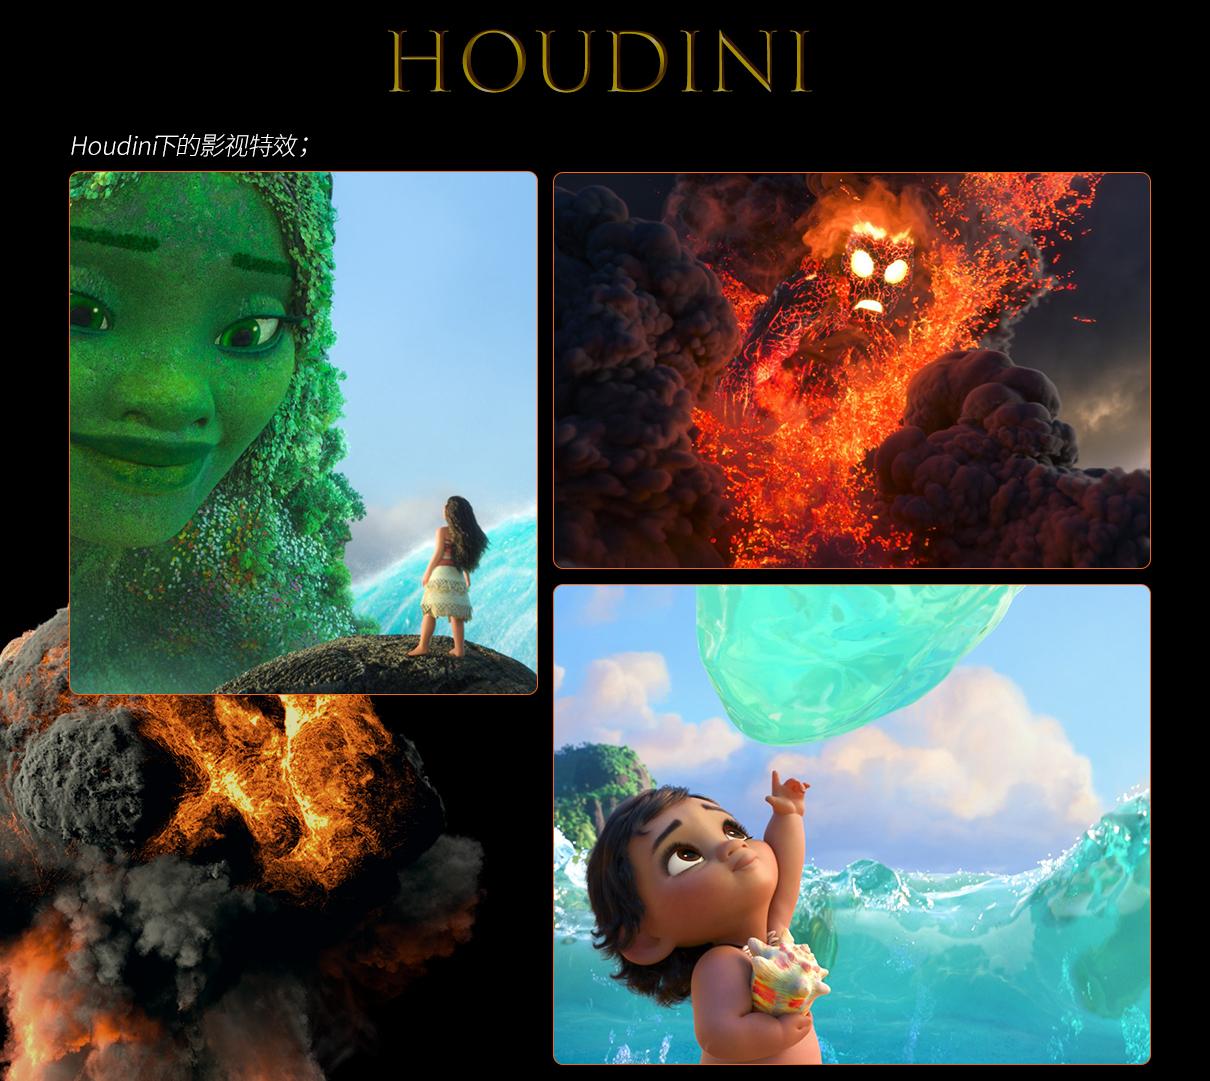 【要上线】[分成/5:5]高级影视特效《火山喷发》houdini特效全流程制作教程简介